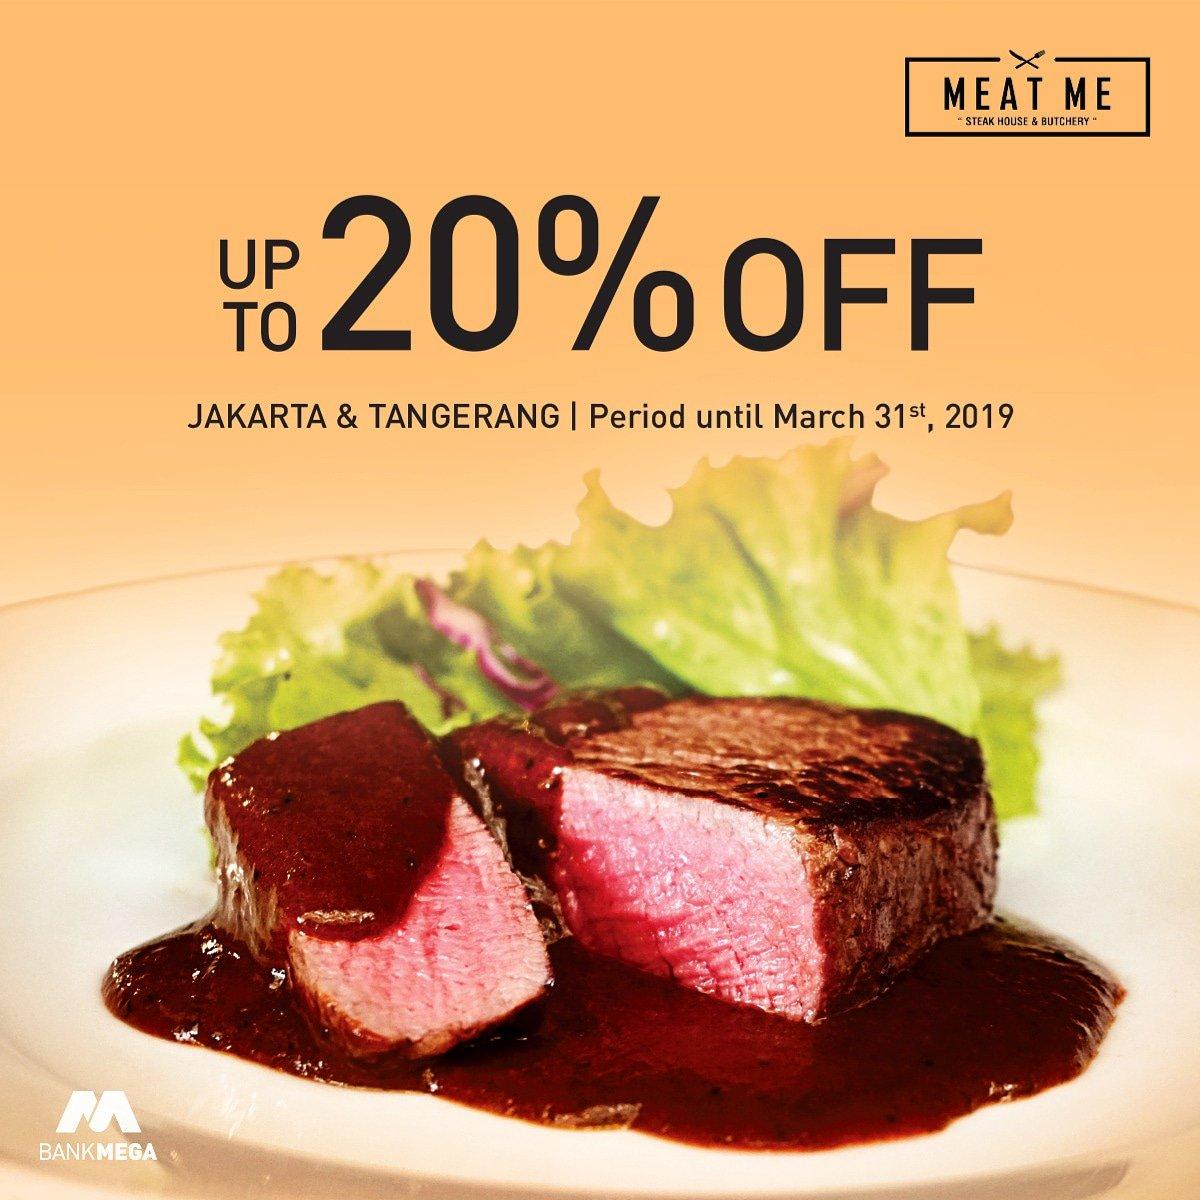 Bank Mega - Promo Diskon 20% di MeatMe Jakarta & Tangerang (s.d 31 Maret 2019)